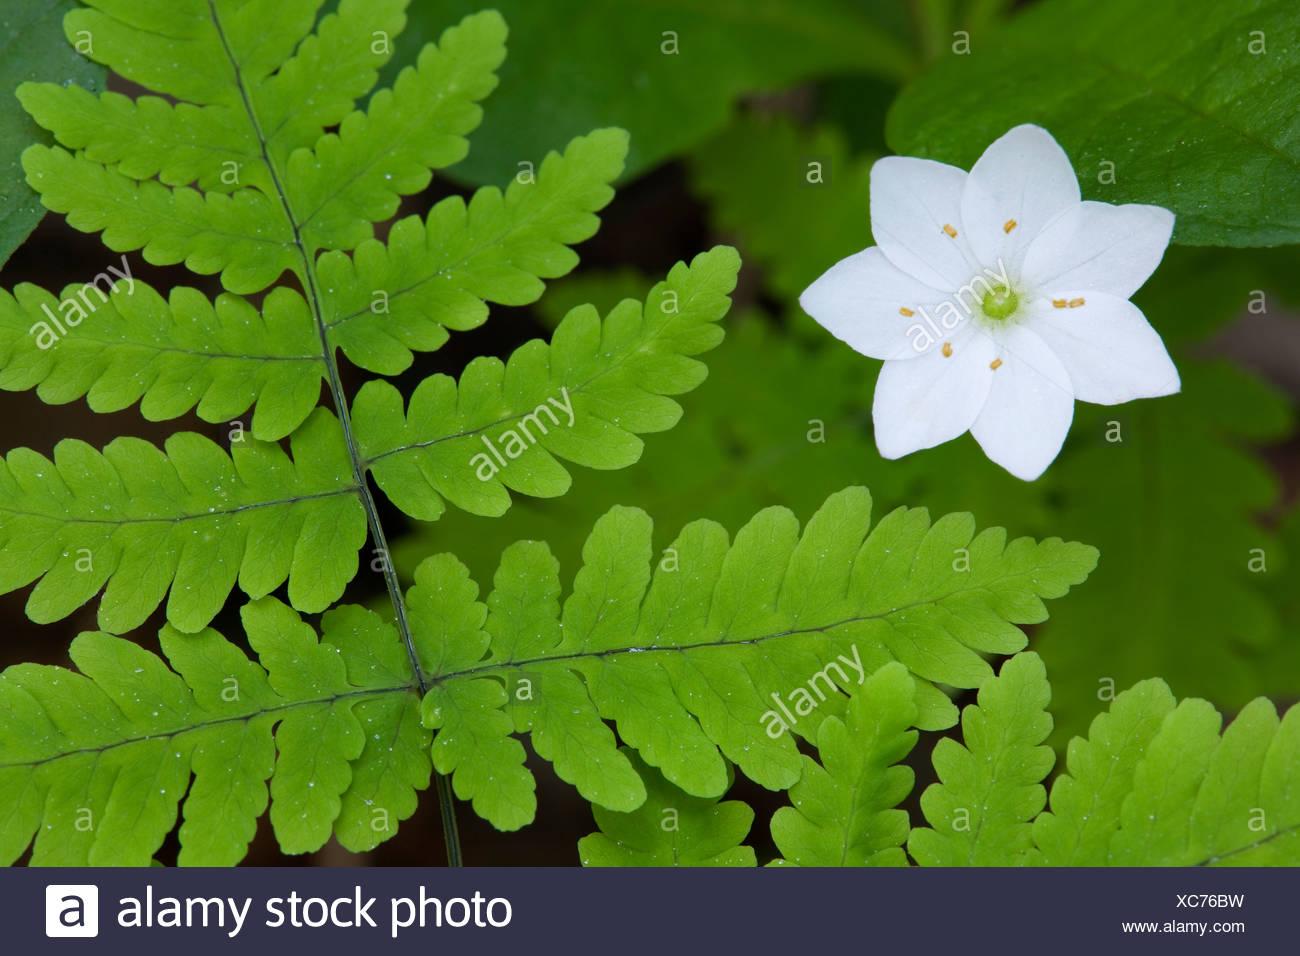 Alaska, Wasilla fotografia macro di fiori a stella (Trientalis europea ssp arctica) e fern sul suolo della foresta. Immagini Stock